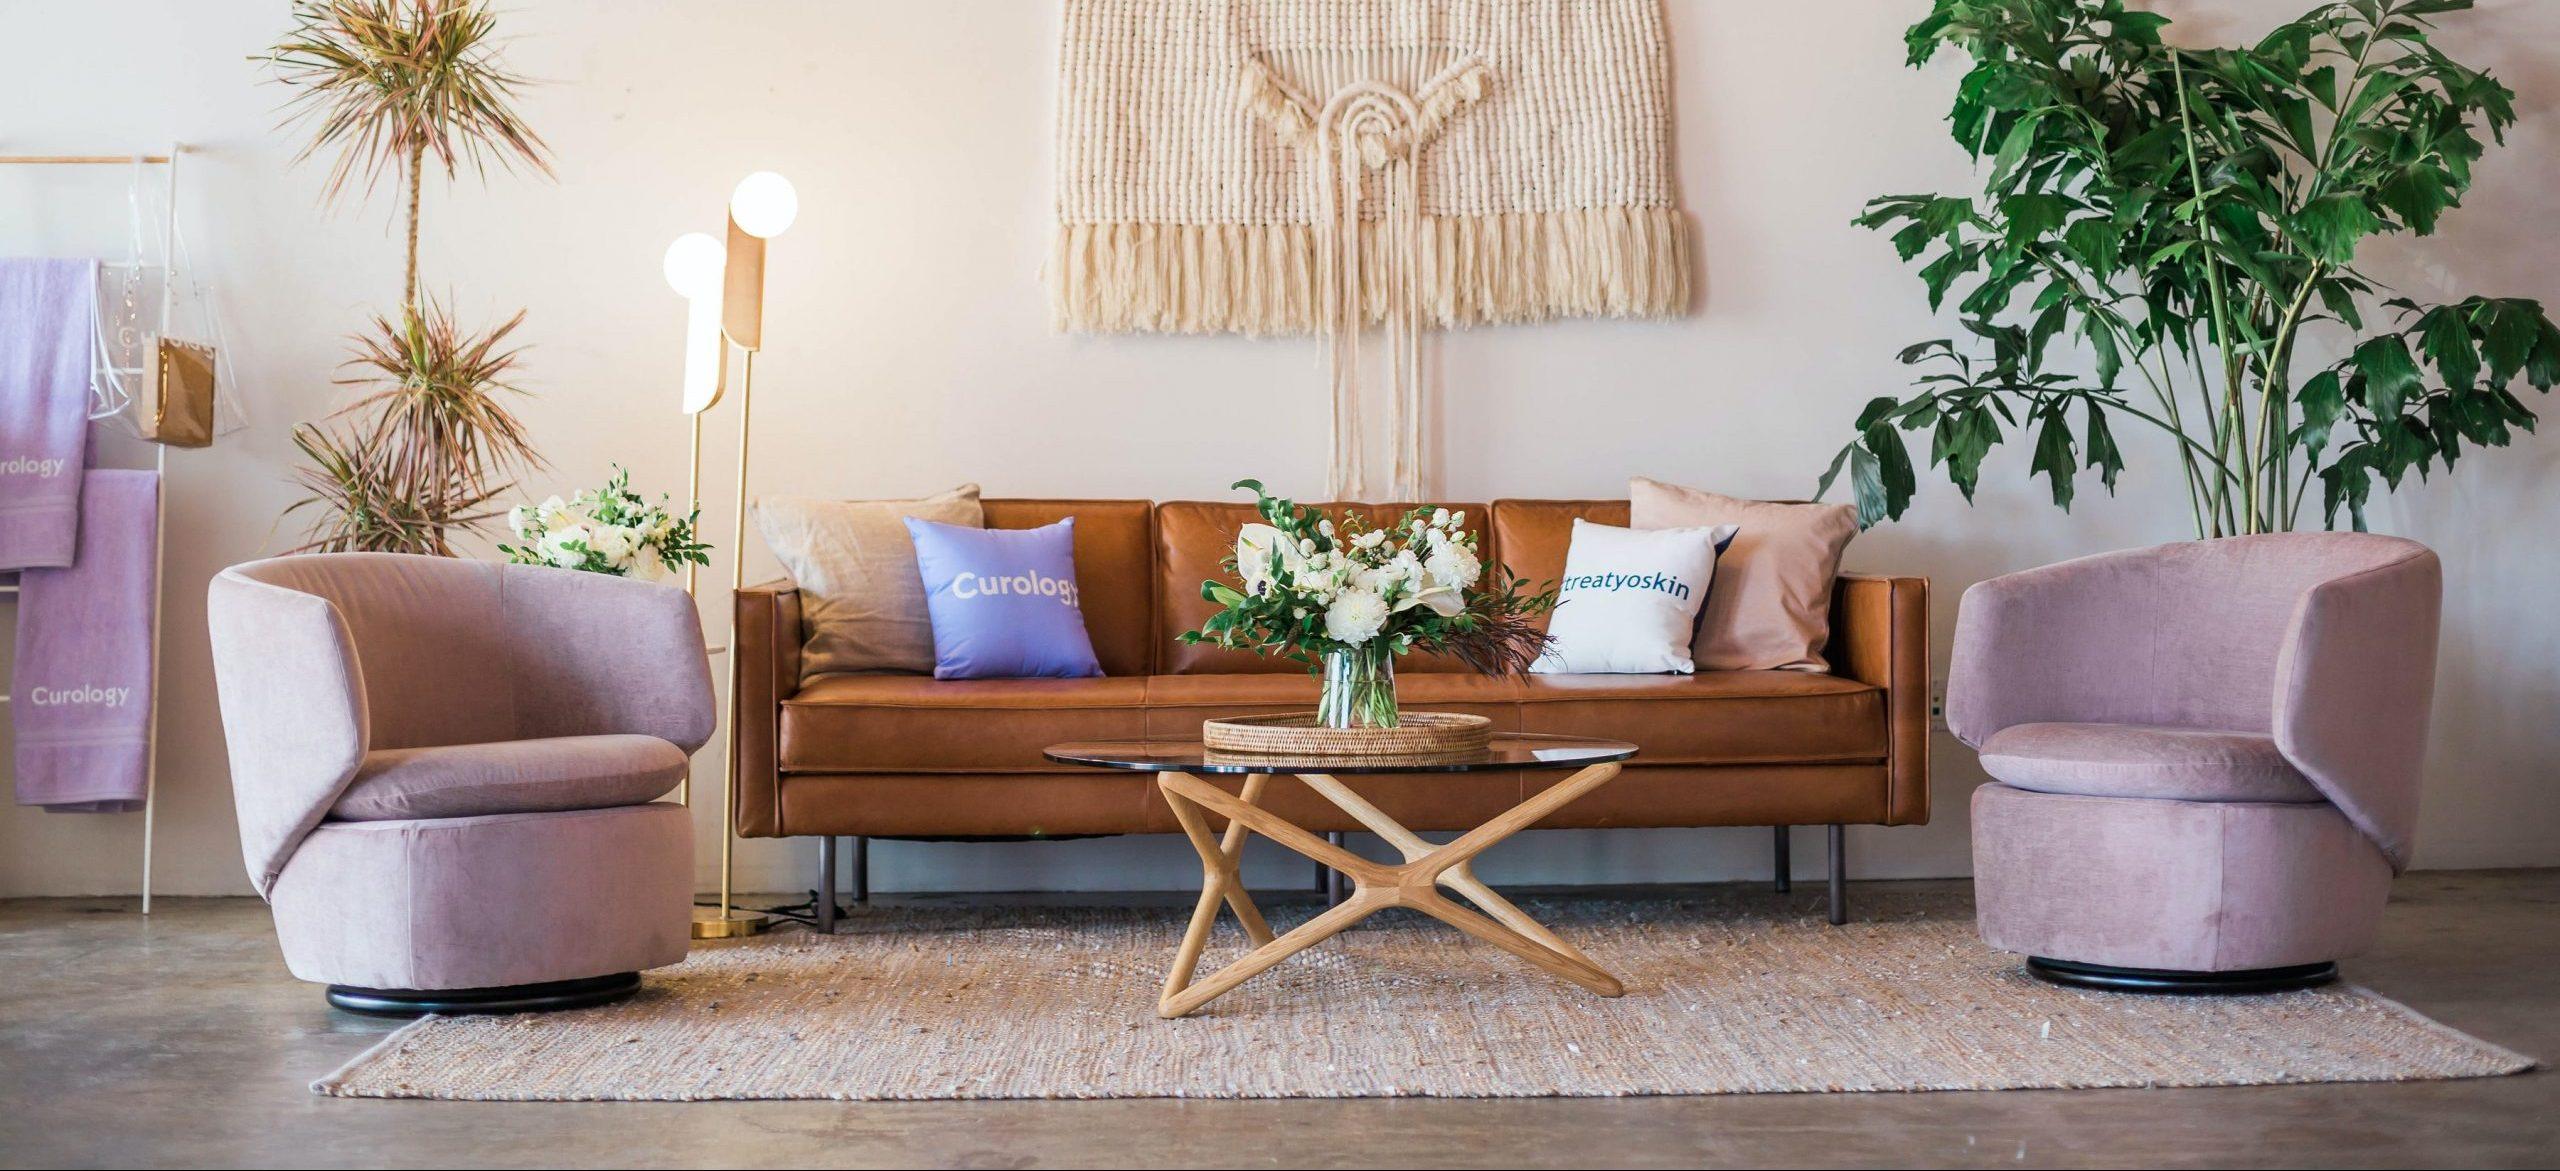 Oturma Odanızı Döşemek için 5 Fikir ve İpucu